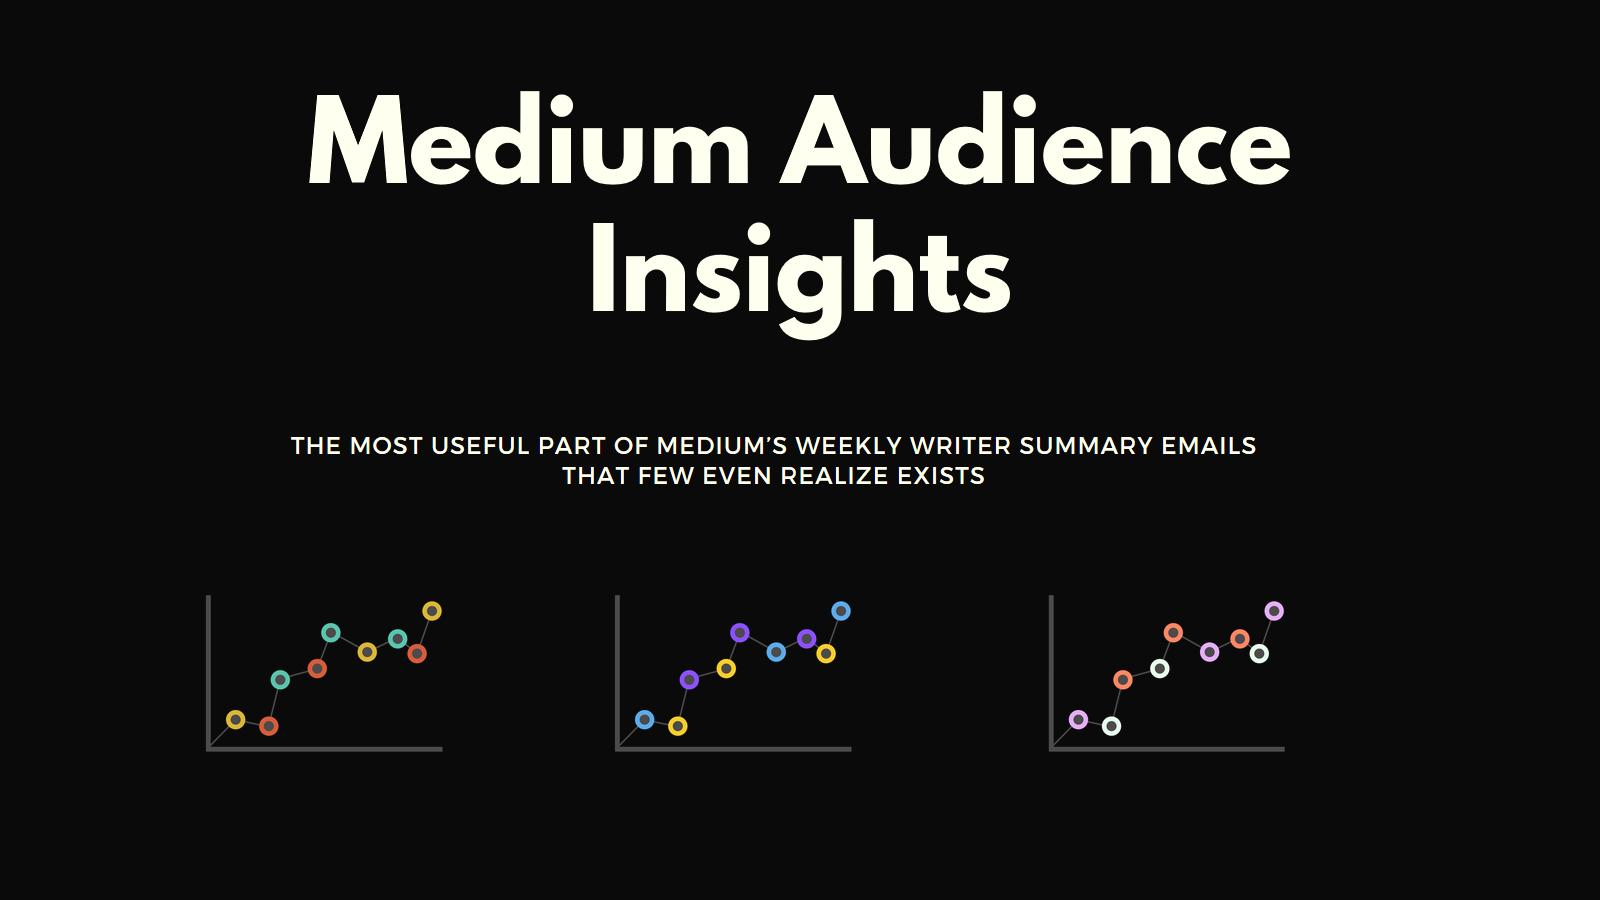 Medium Audience Insights, medium stats, medium emails, medium email data, medium email stats, medium secrets, medium hacks, medium tips, medium writing tips, medium writer tips